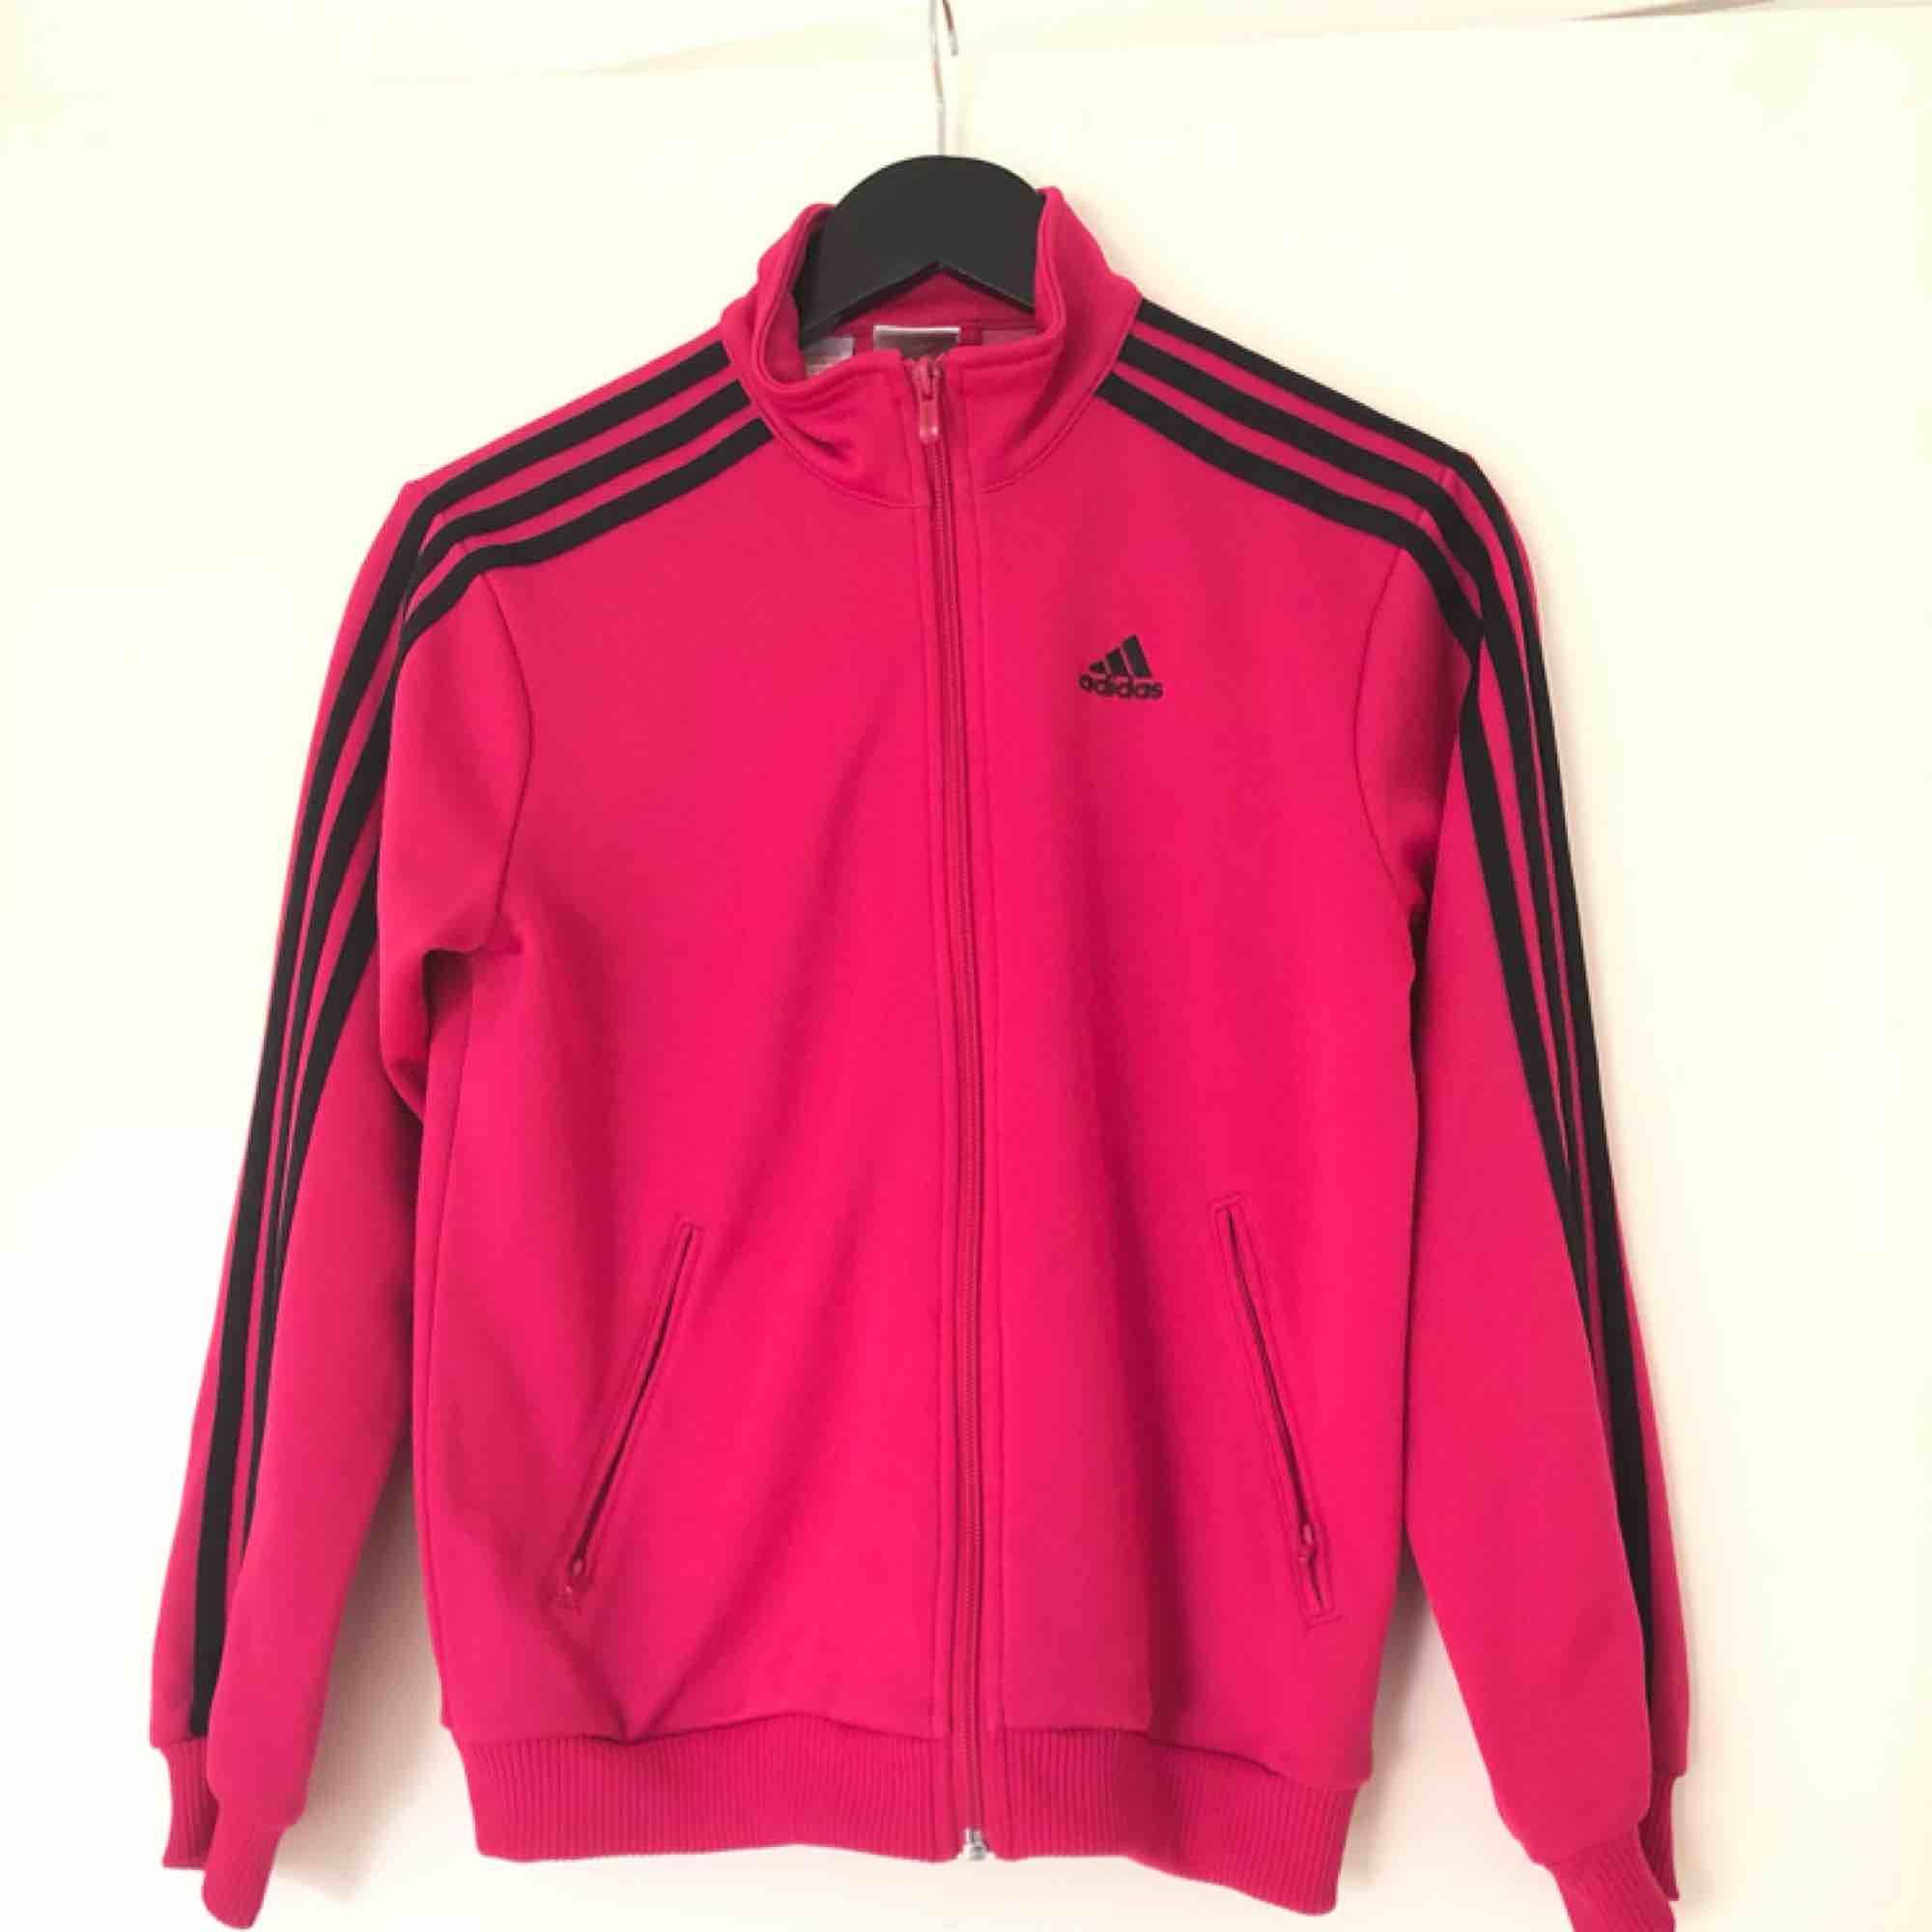 Adidas zip hoodie, väldigt bra skick!. Huvtröjor & Träningströjor.